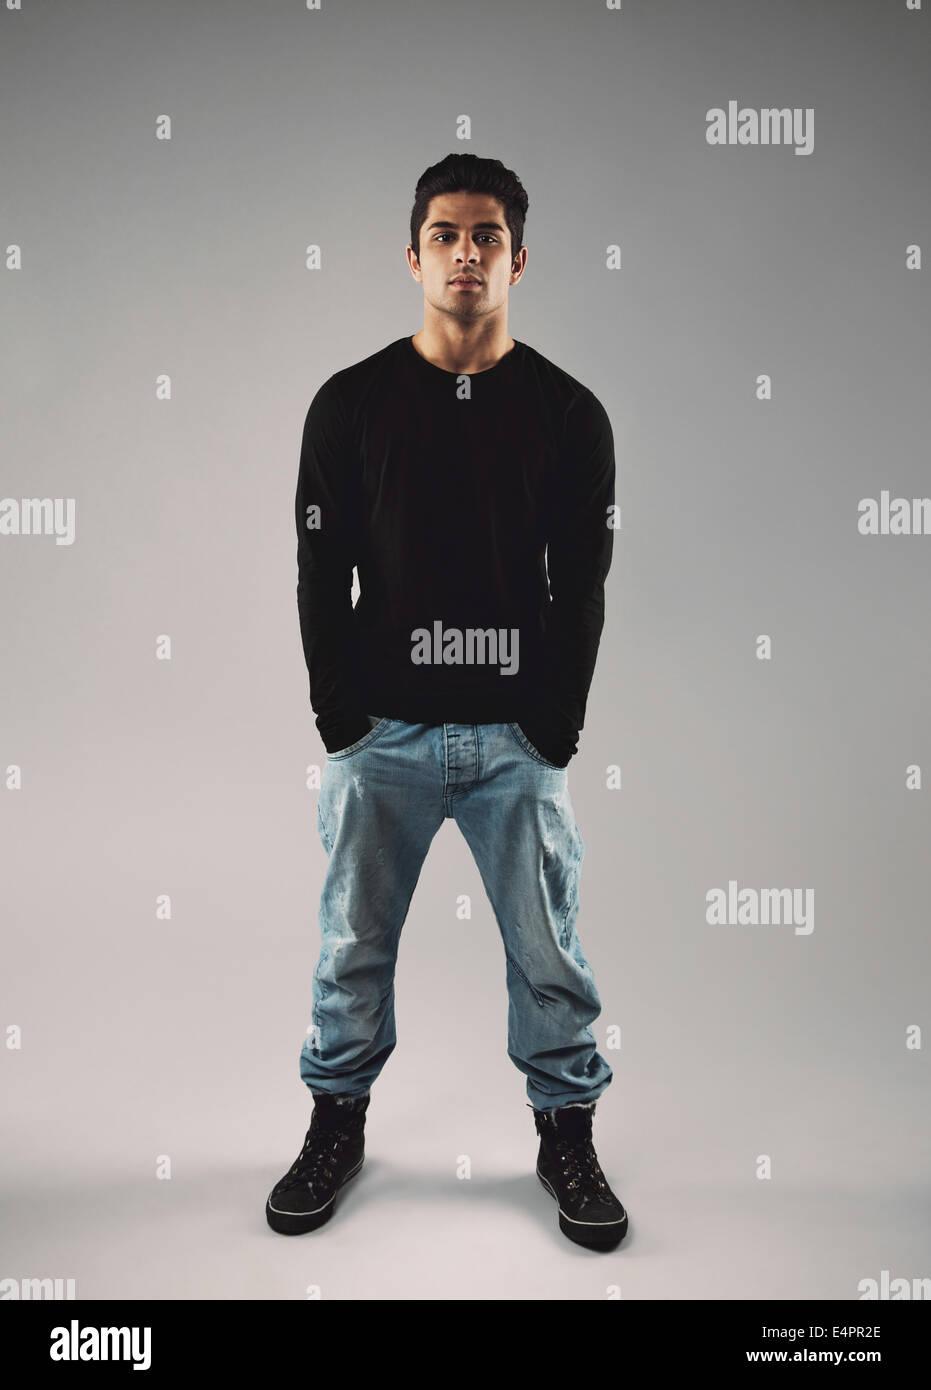 Portrait de jeune homme élégant dans les occasionnels debout avec ses mains dans la poche sur fond gris. Photo Stock